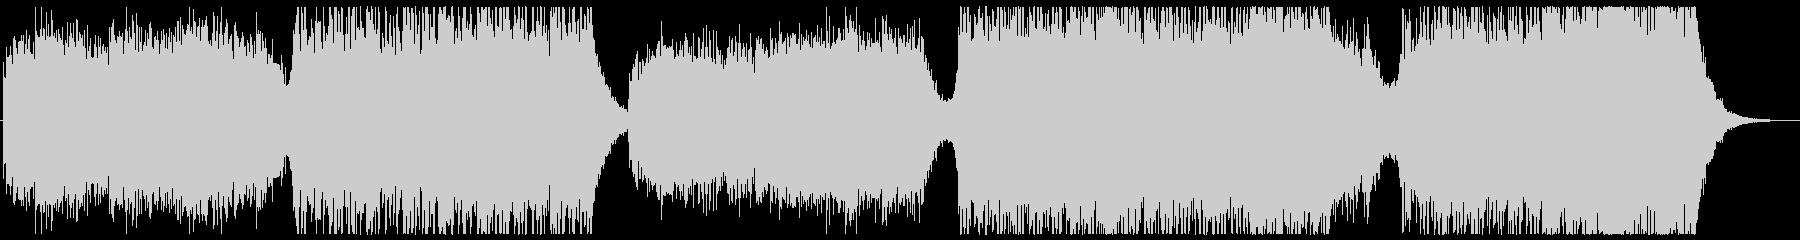 透明感のあるメロディと速いエレクトロの未再生の波形